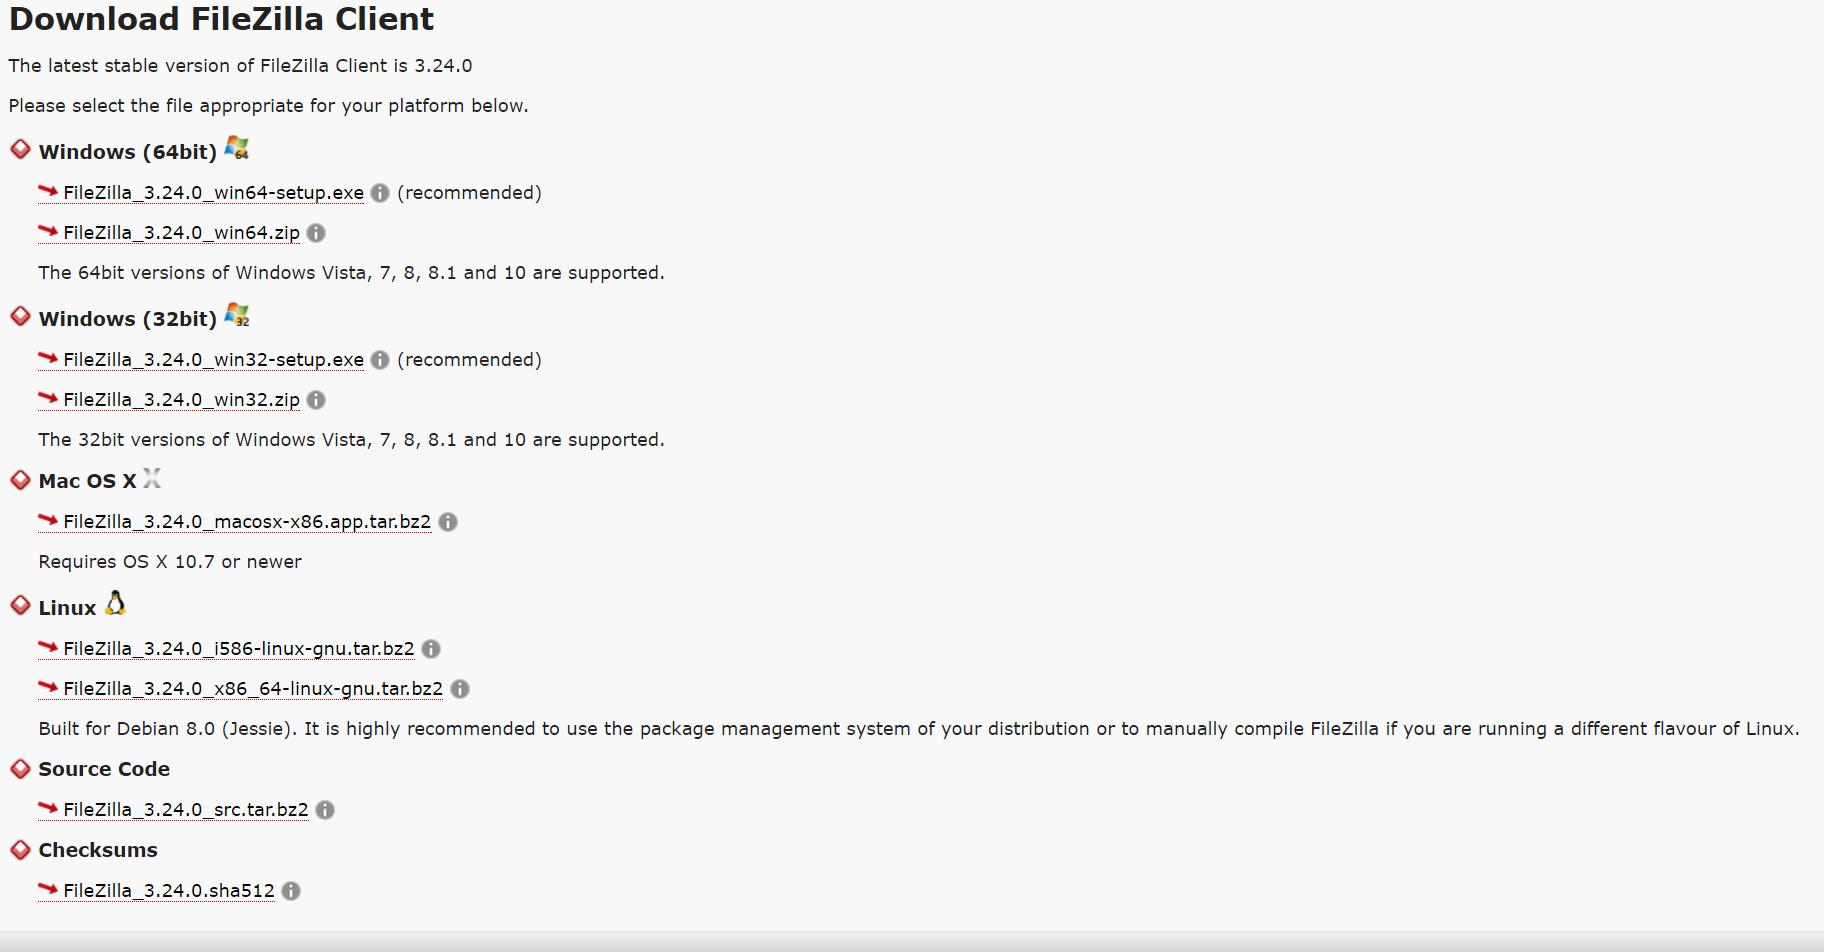 FileZilla versioni disponibili